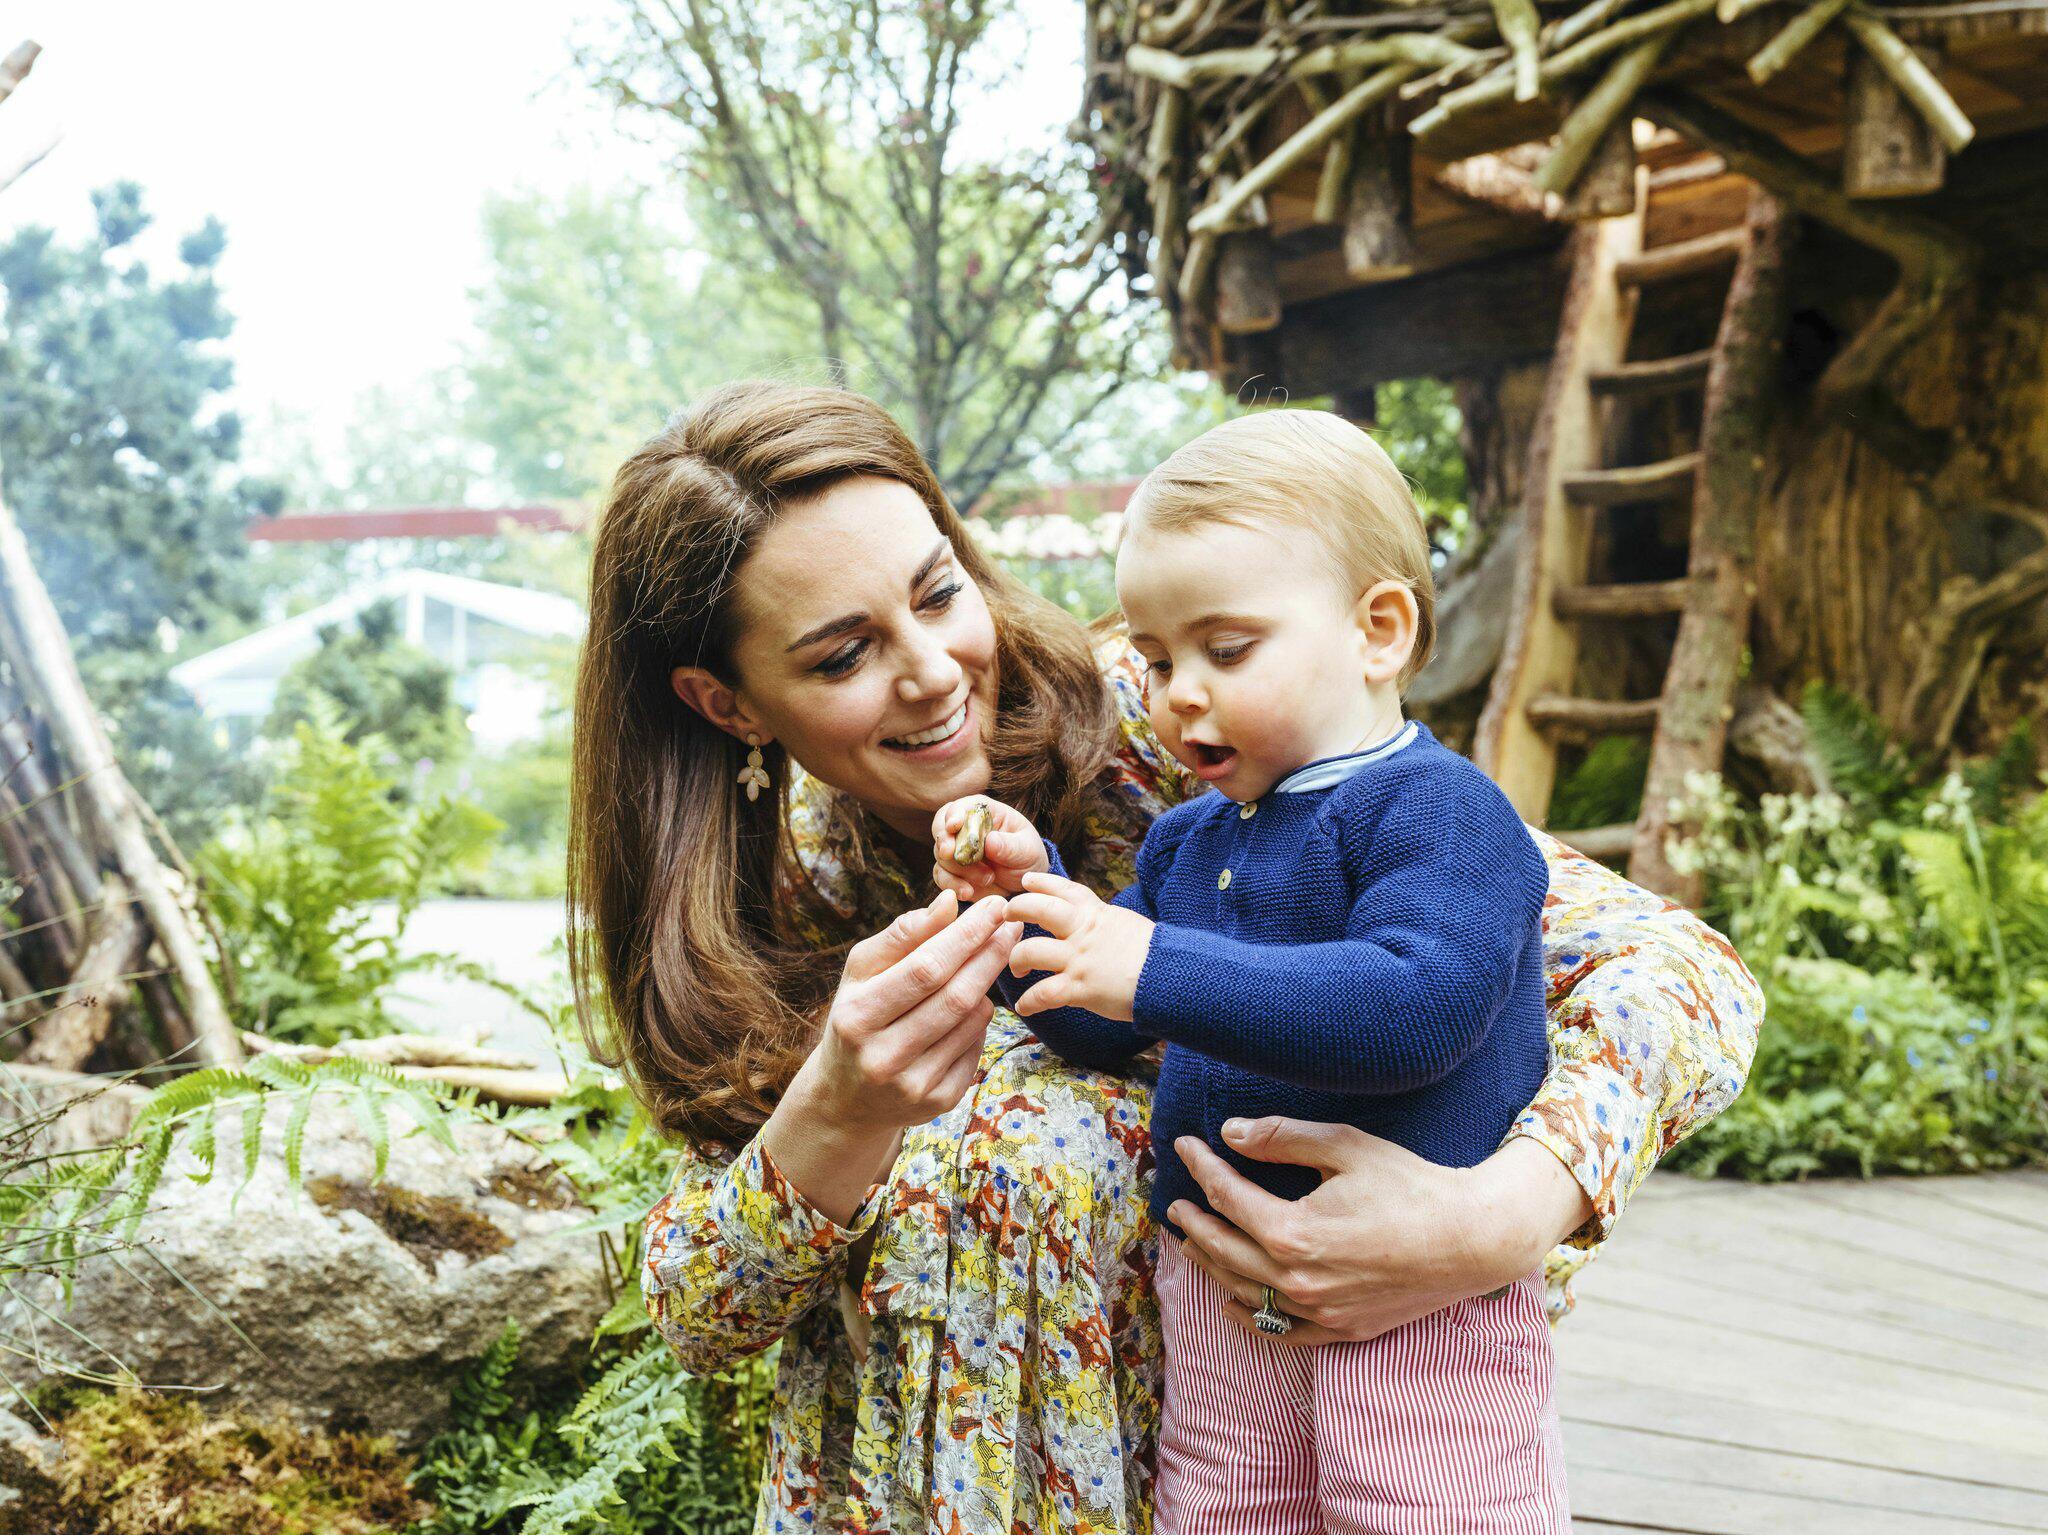 Bild zu Familienausflug der Royals zur Blumenshow in Chelsea